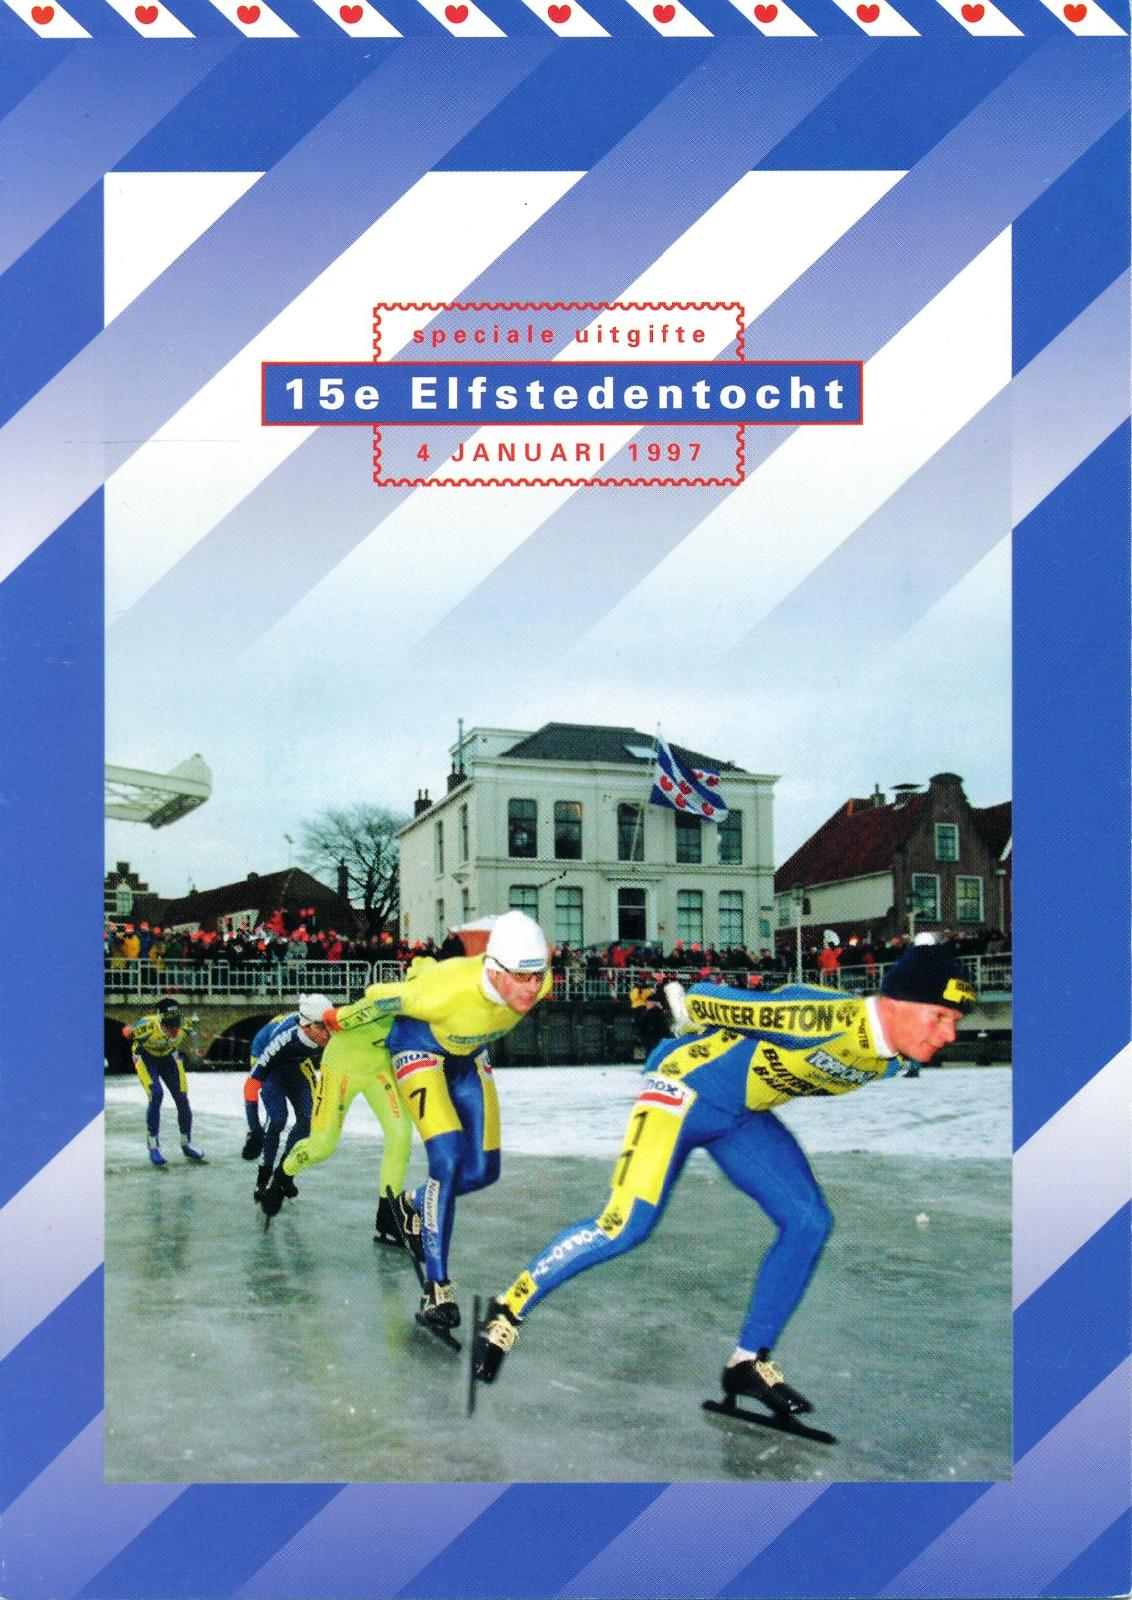 Nederland 1997 Themamapje 15e Elfstedentocht